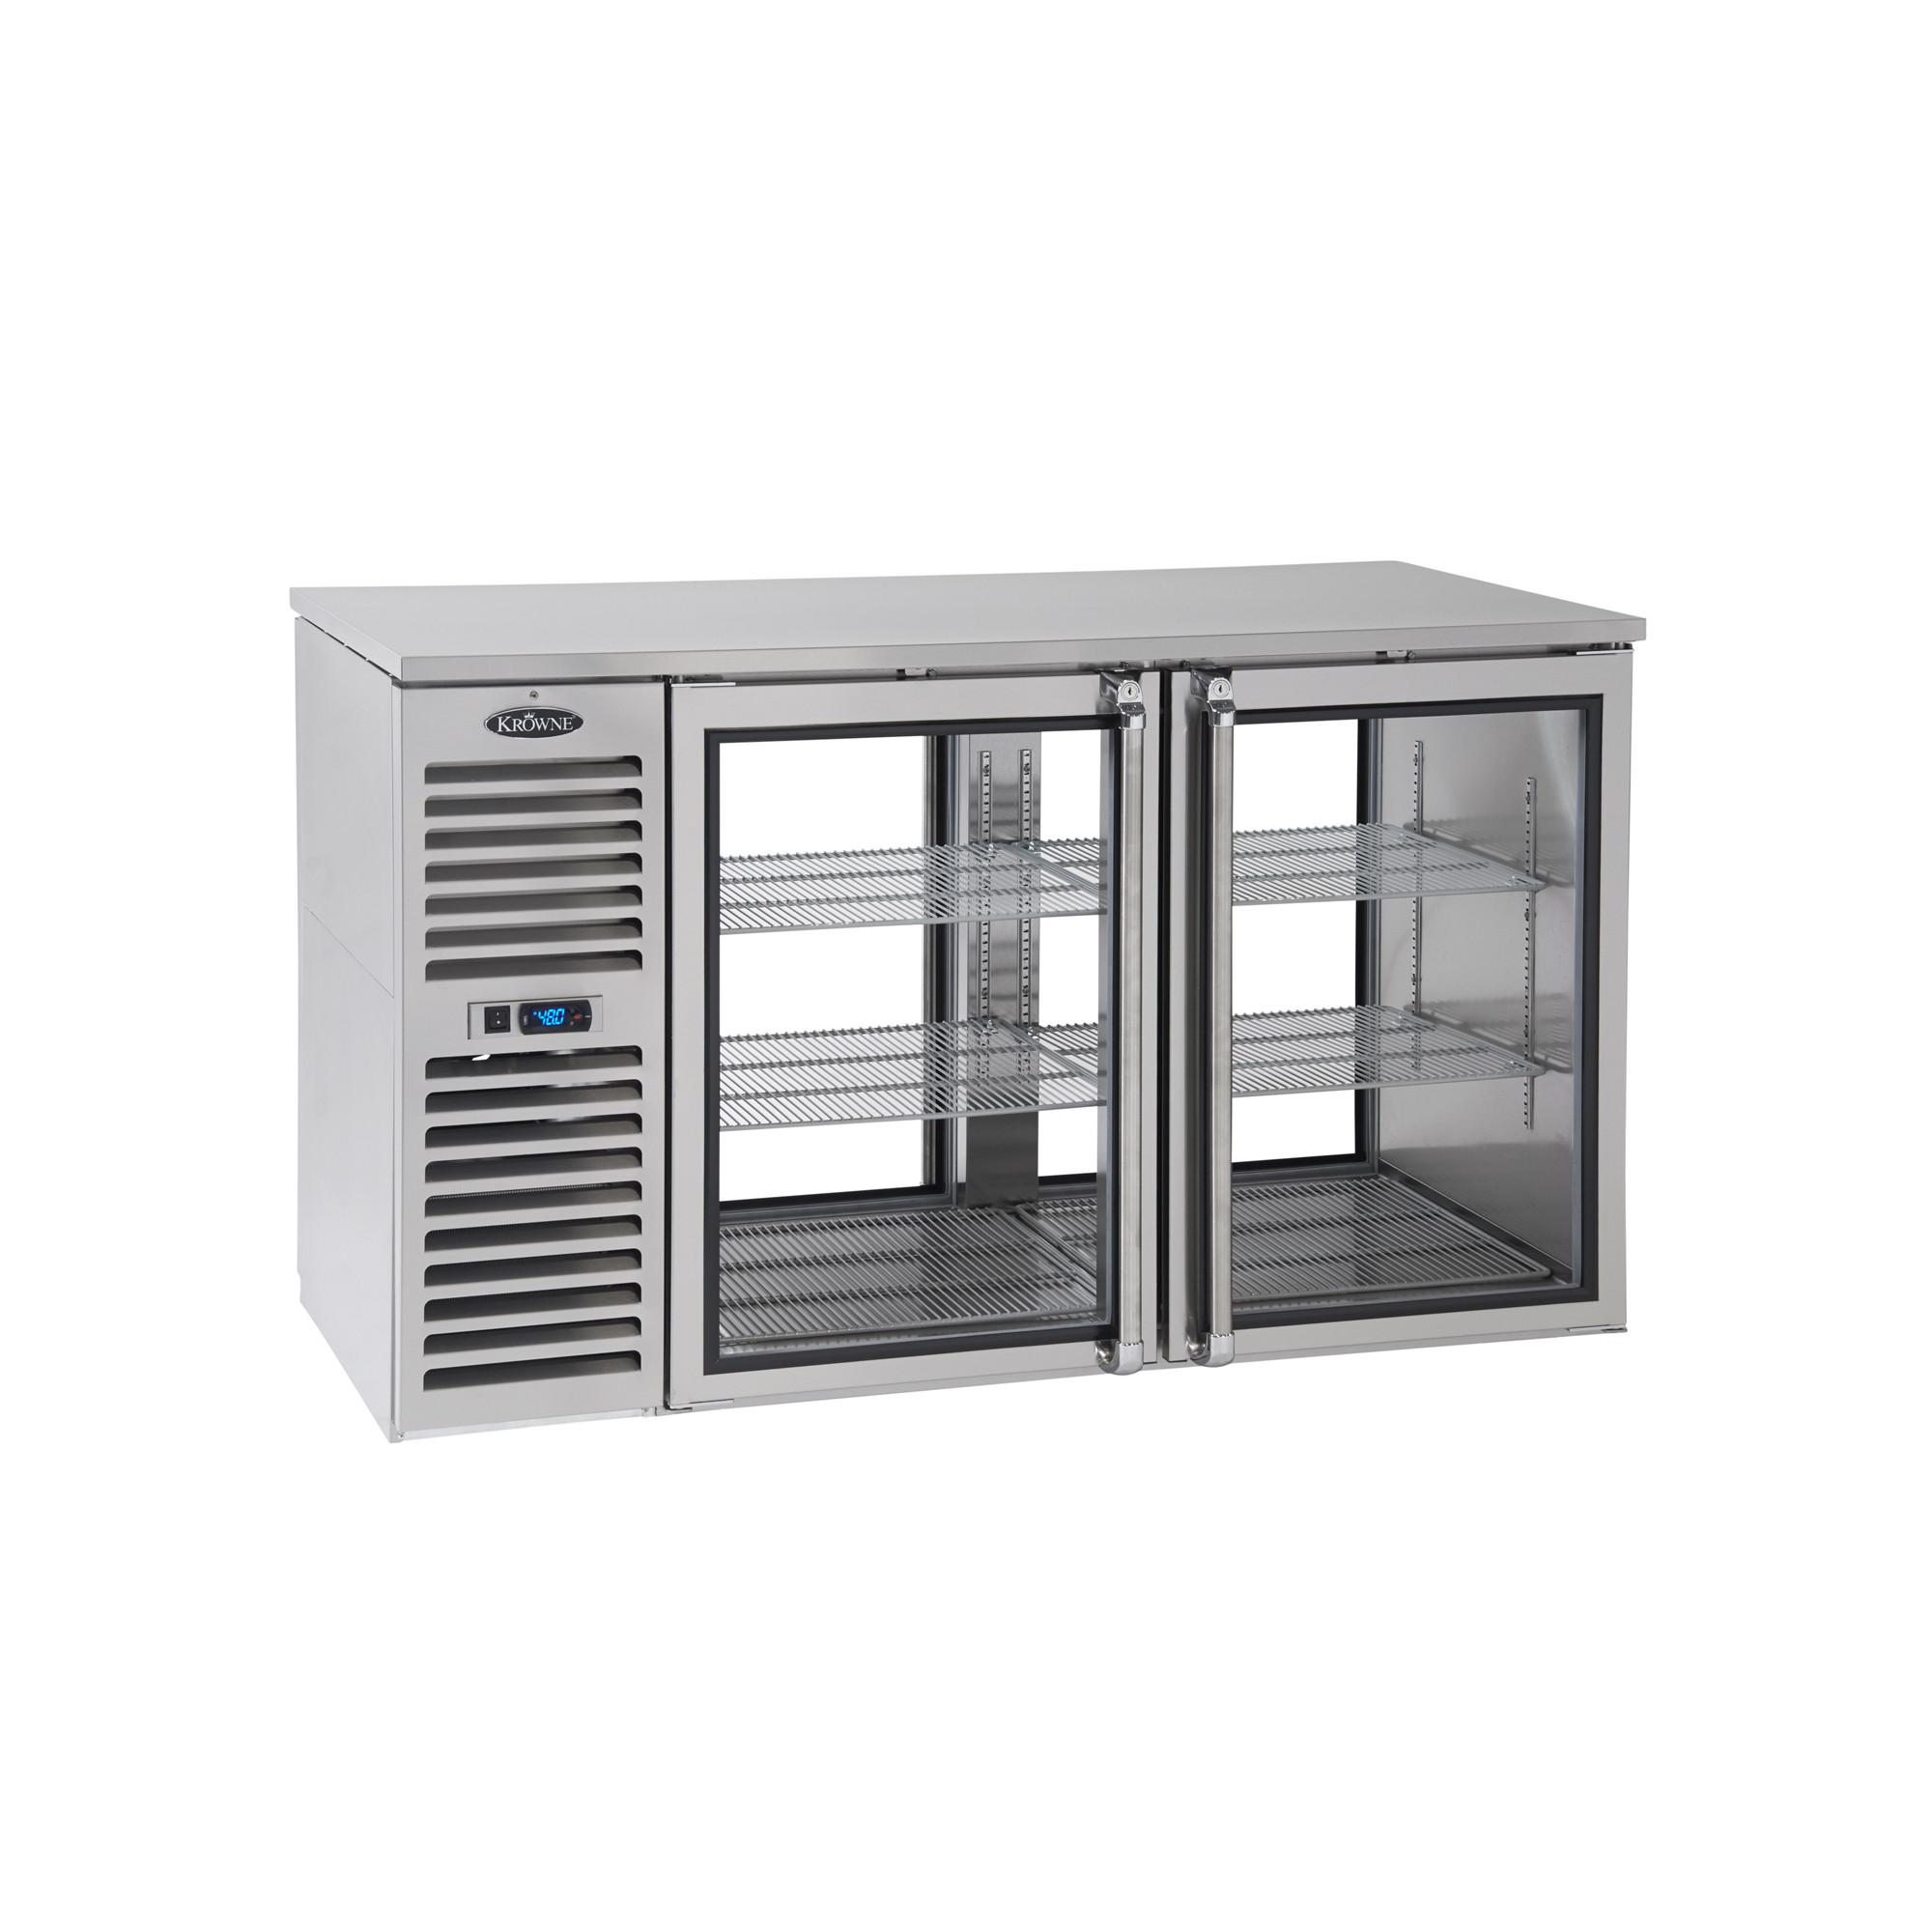 Krowne Metal KPT84L-KSS refrigeration